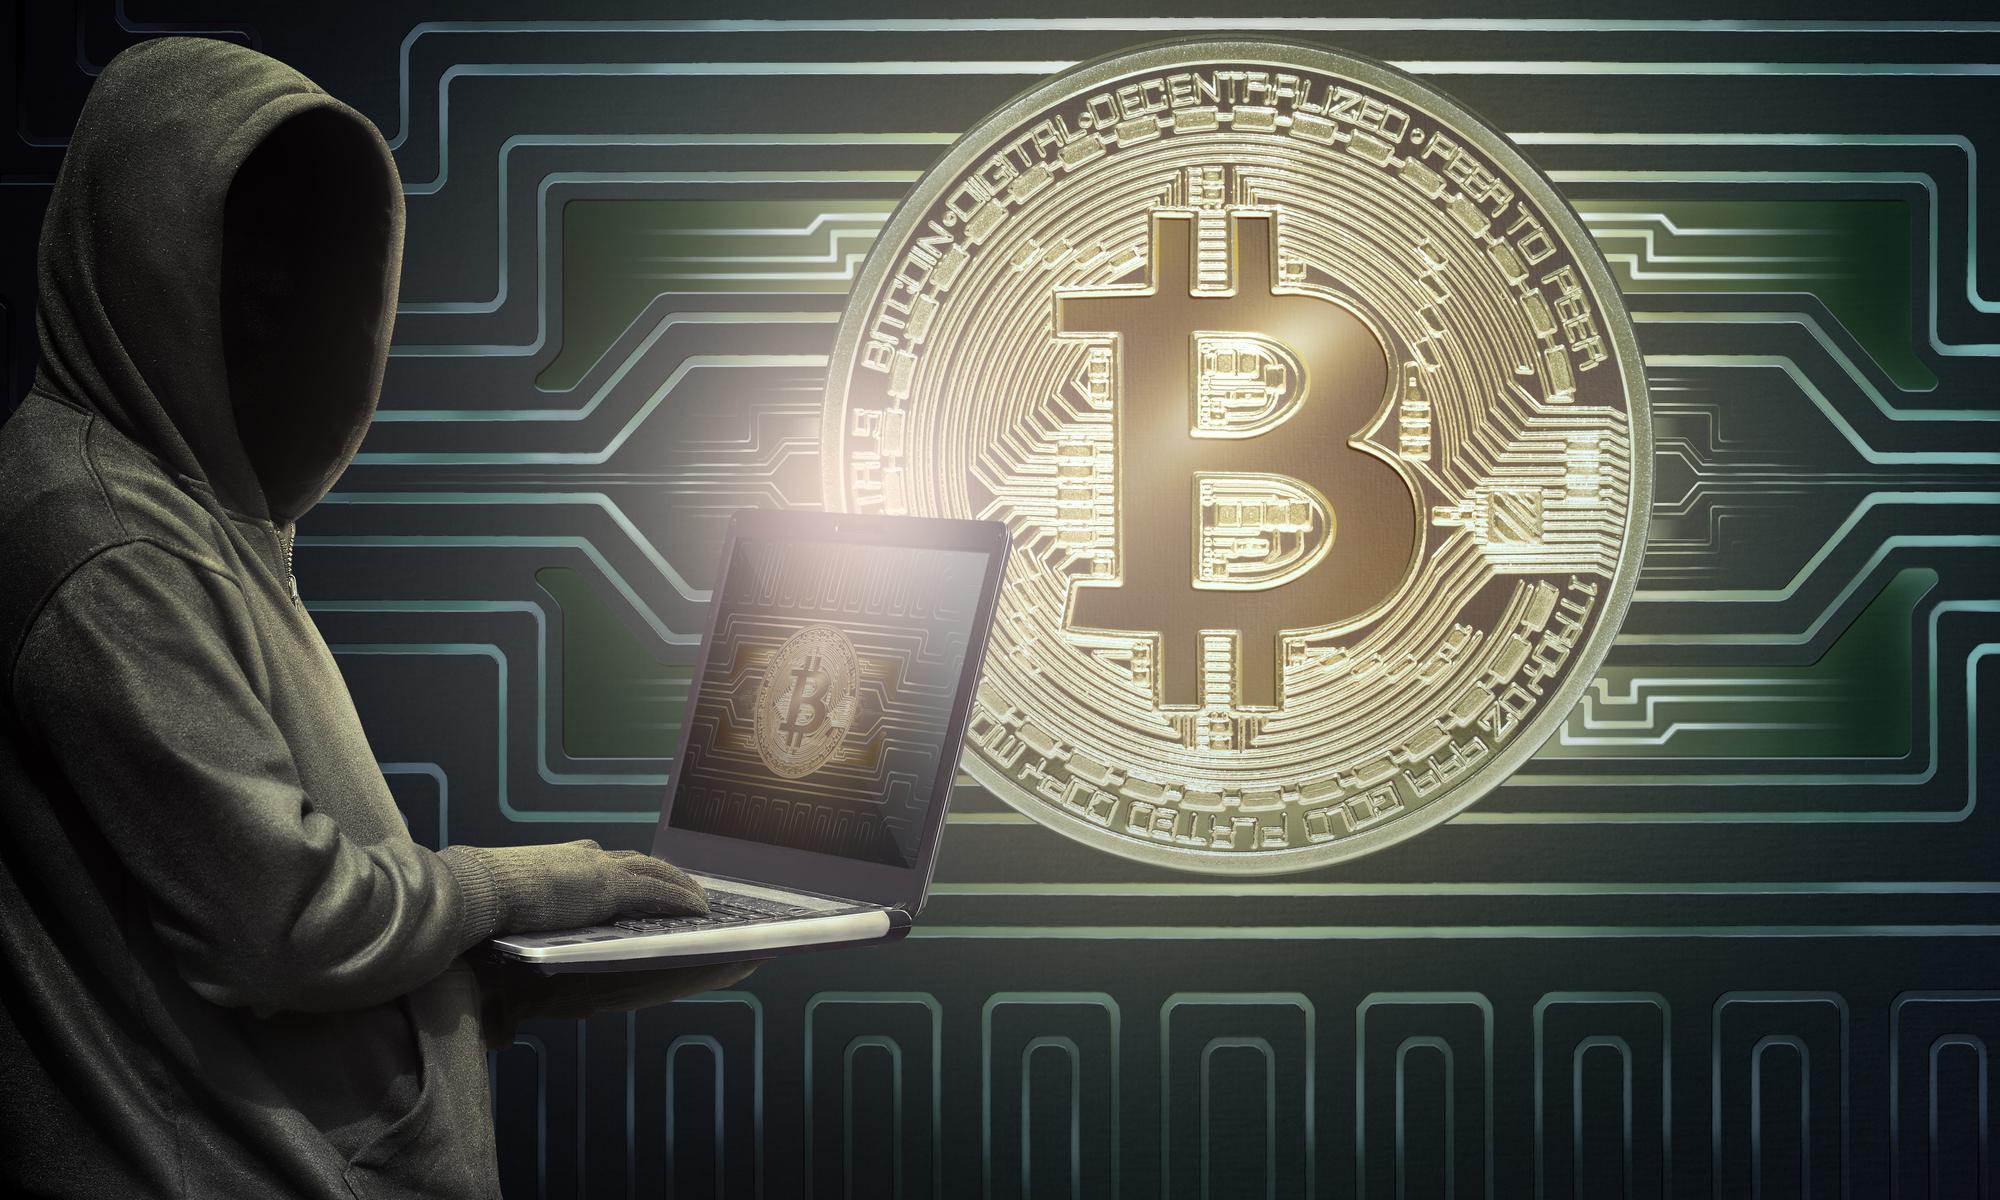 alınan bitcoin